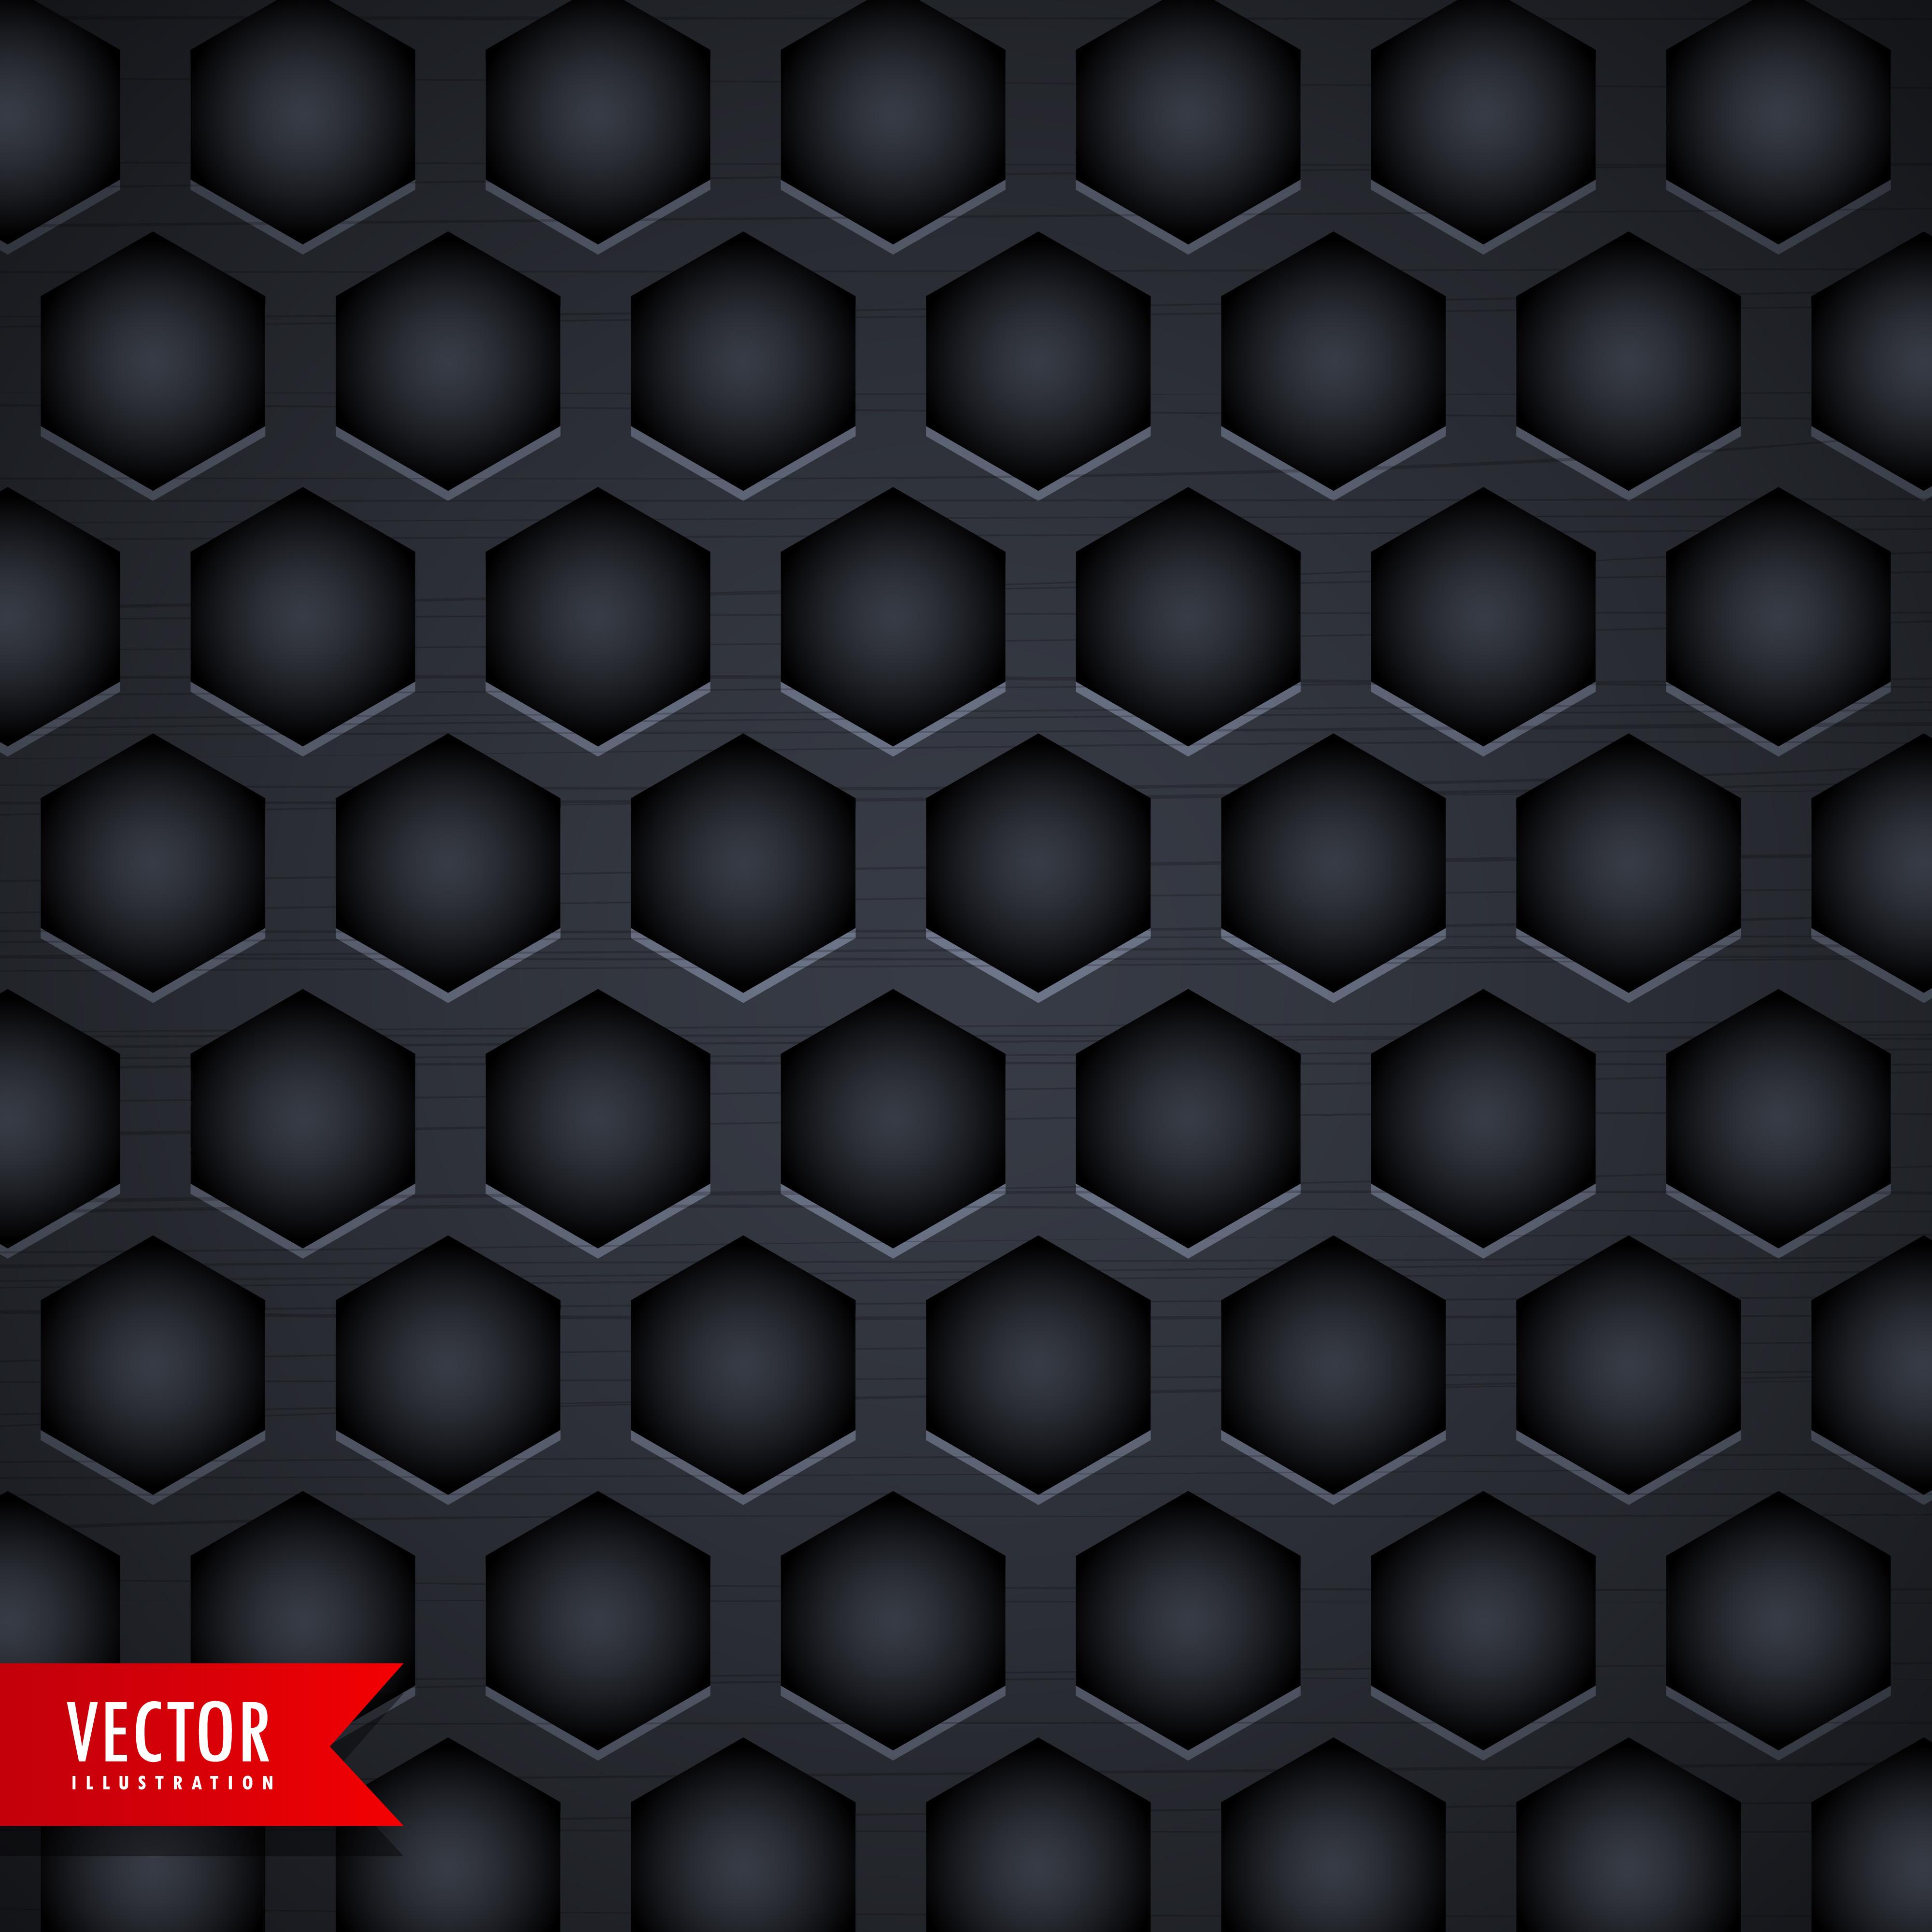 Dark Hexagonal Pattern Background Design Download Free